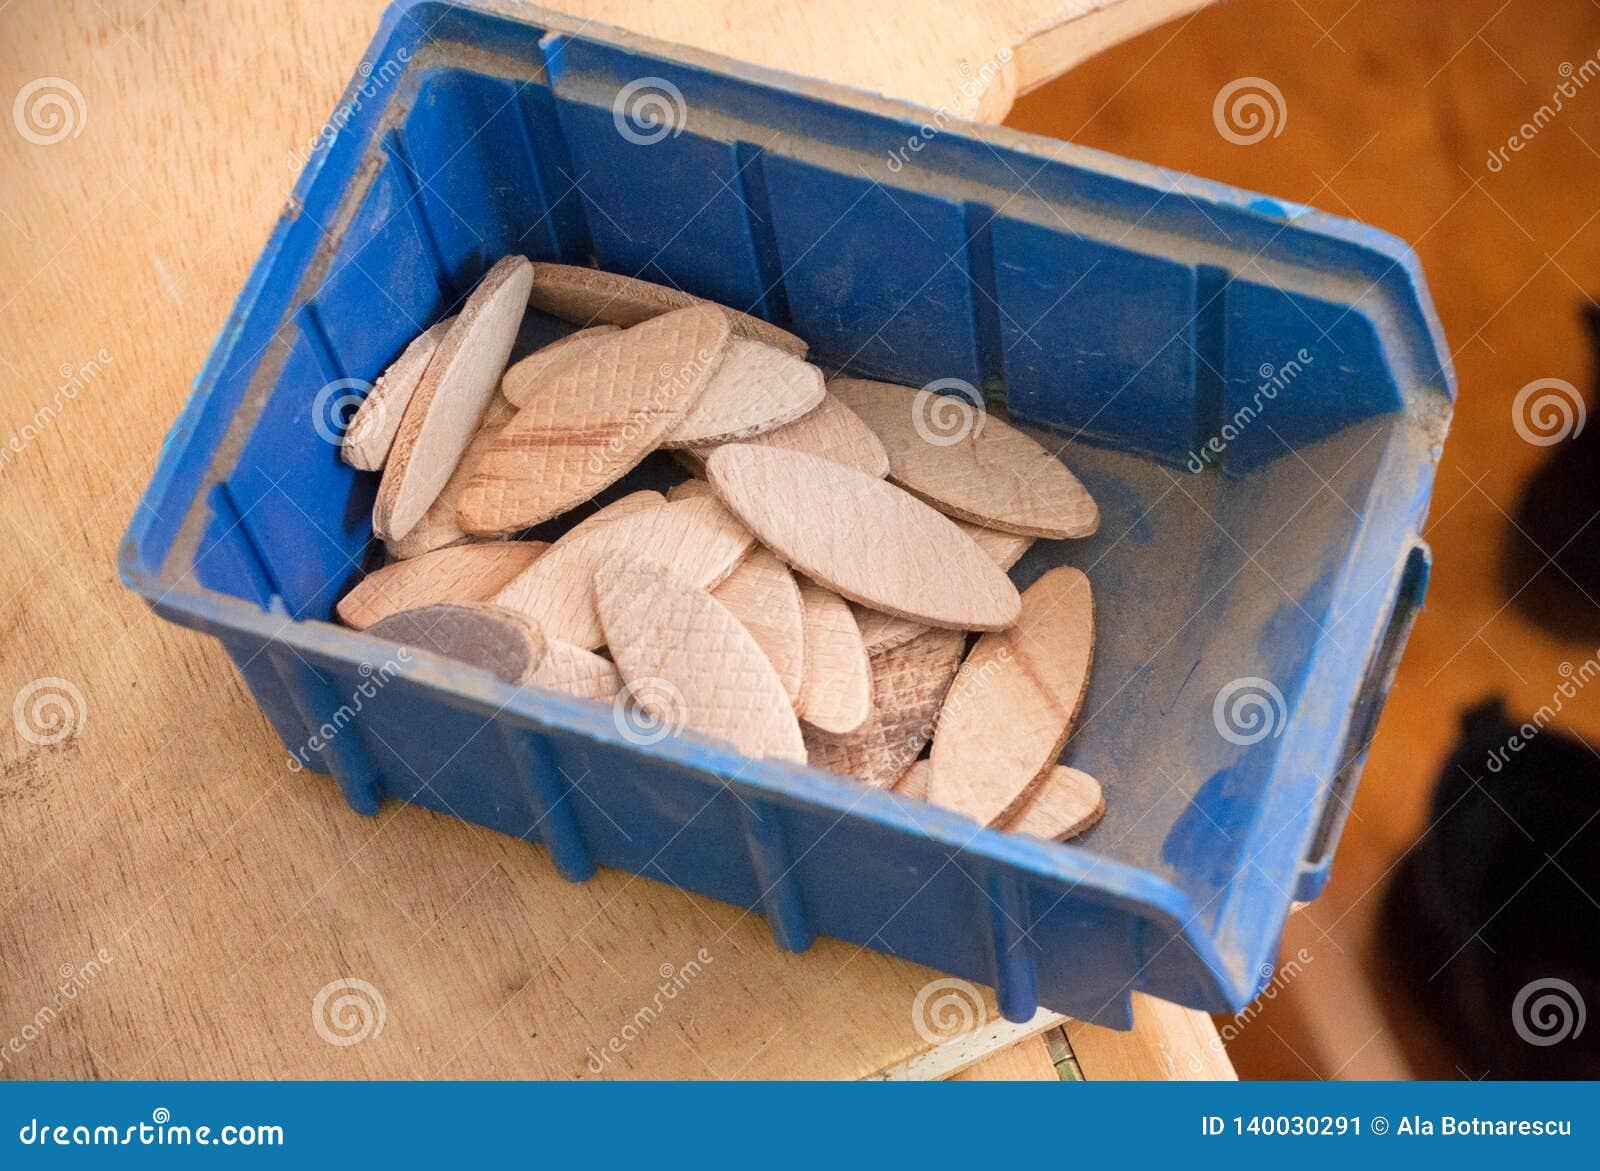 Biscuit comprimé en bois de hêtre dans un récipient en plastique bleu